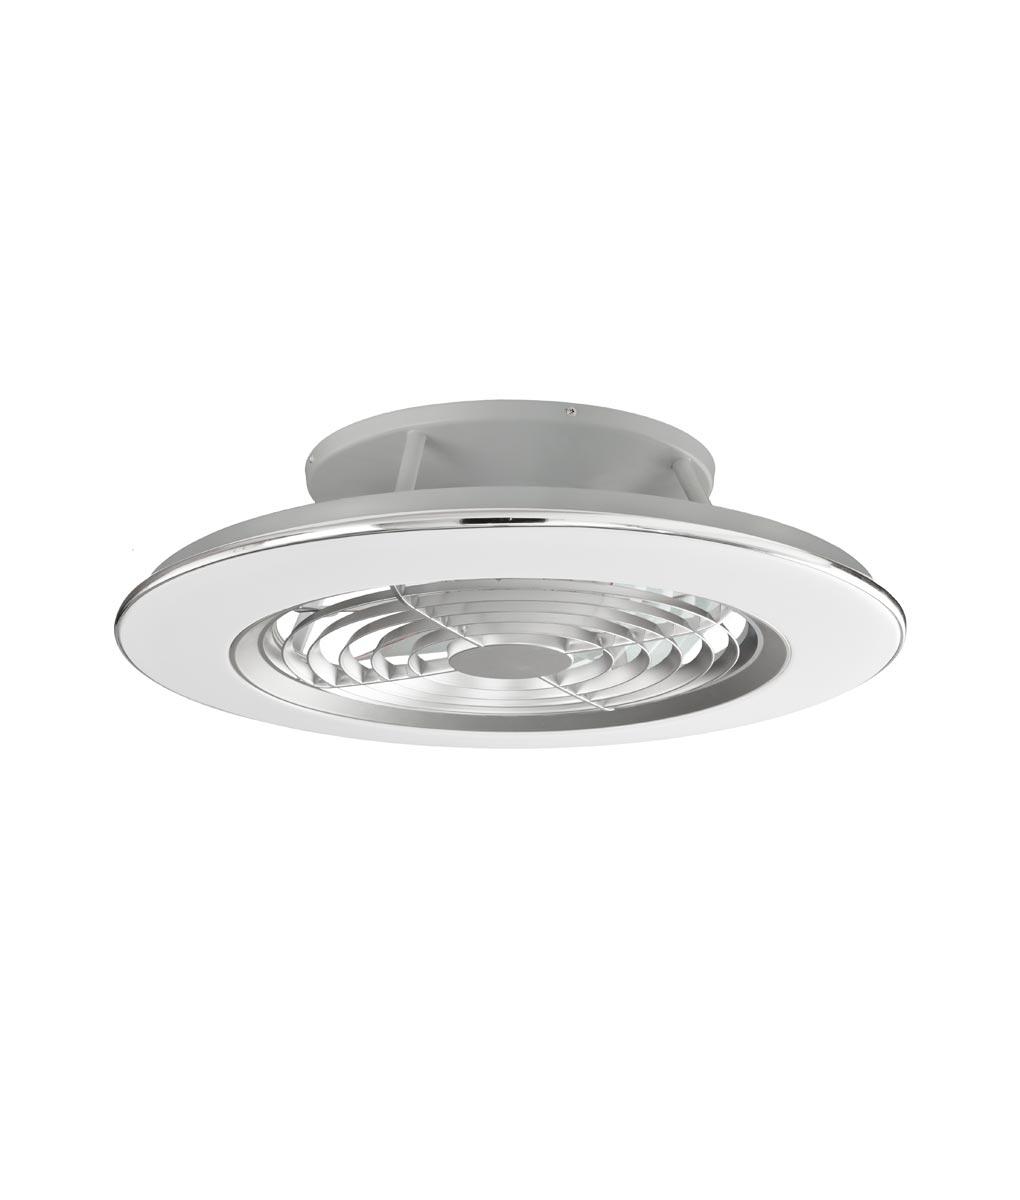 Plafón ventilador cromo y plata ALISIO LED